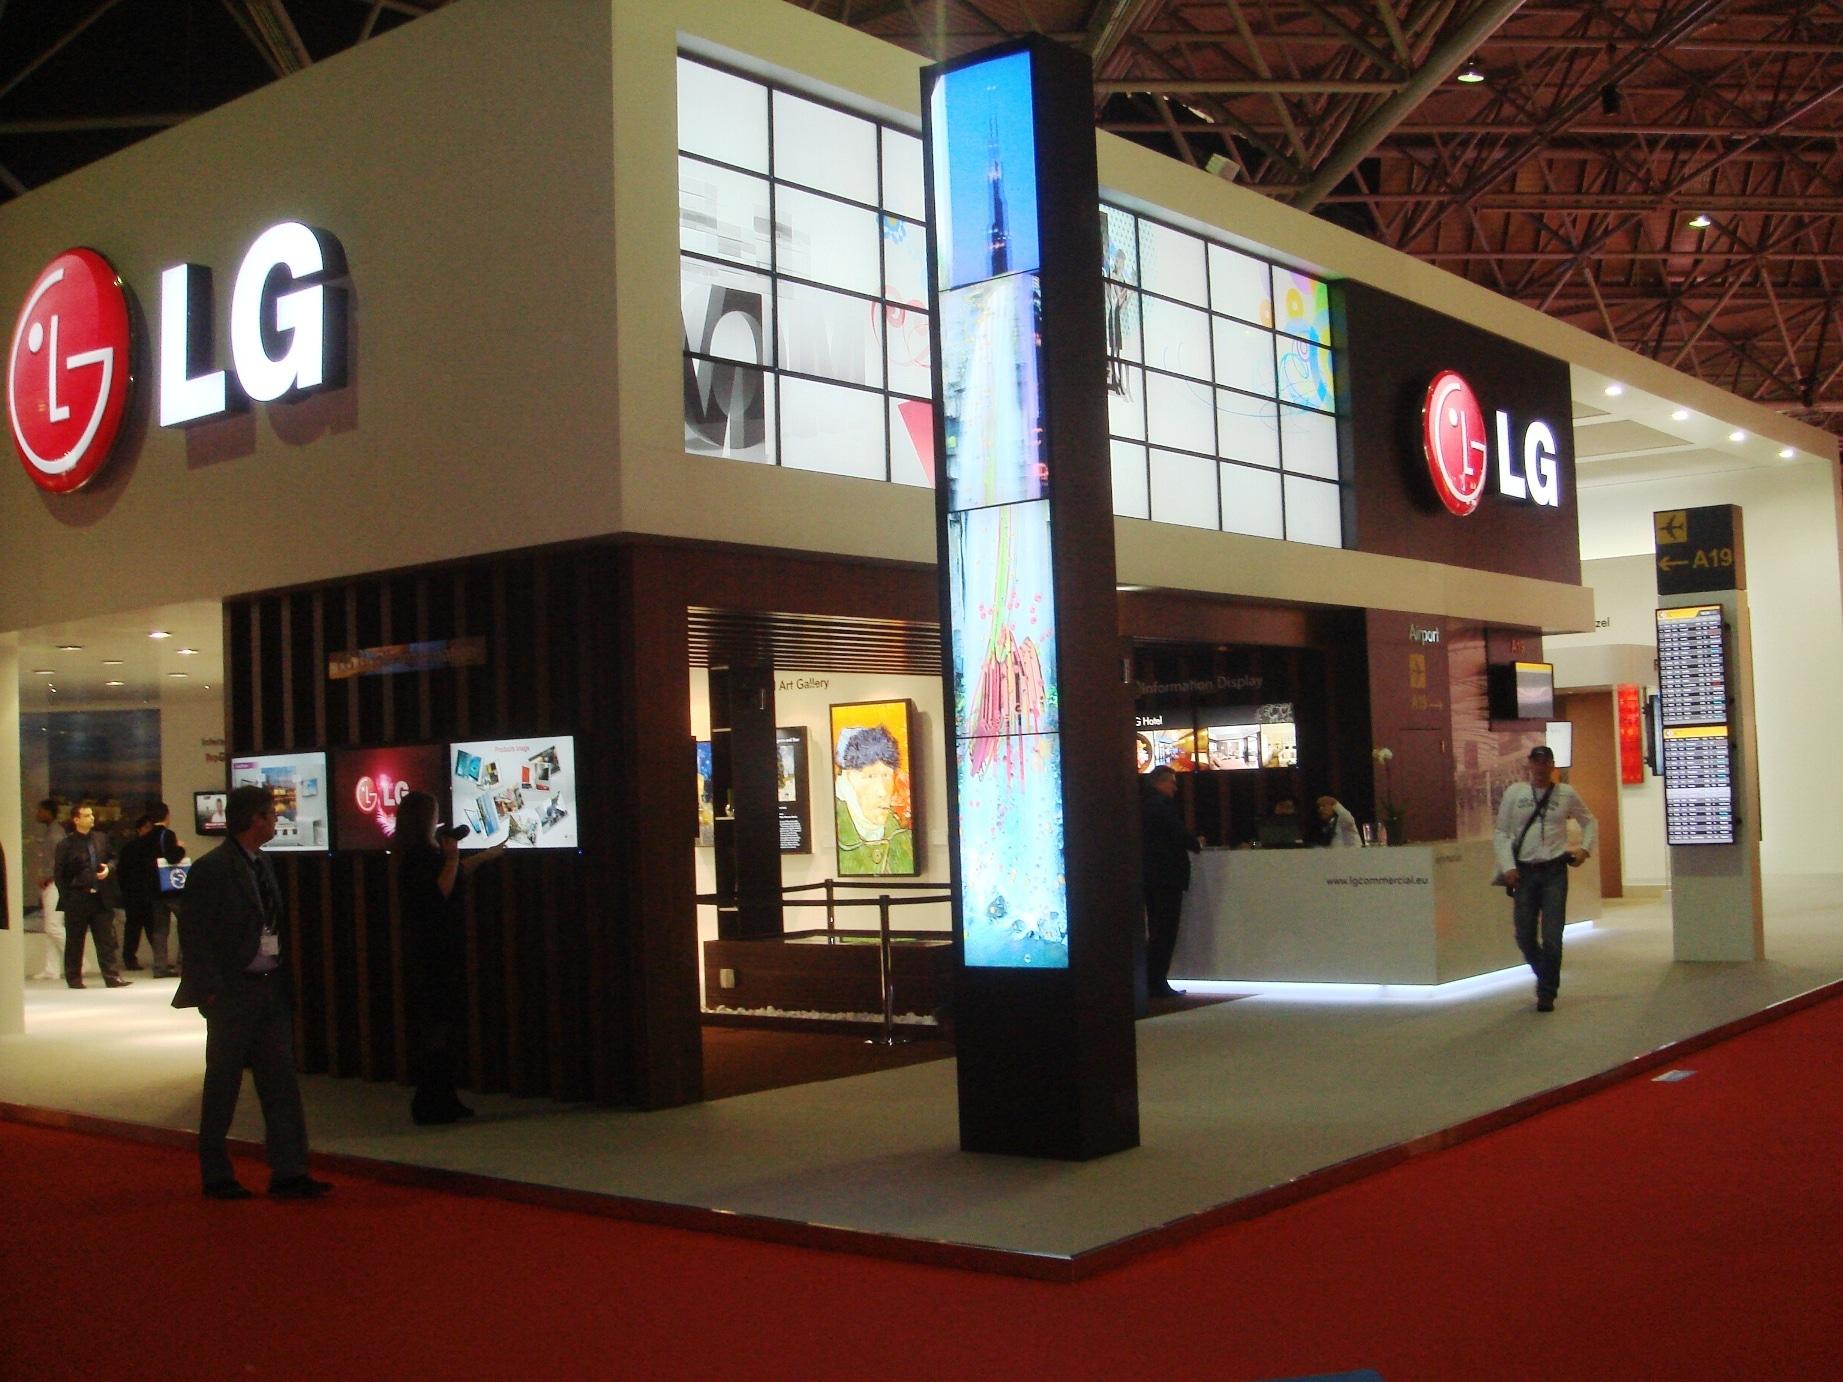 Πρωτοποριακές λύσεις Digital signage και πληθώρα καινοτόμων προϊόντων από  την LG στην Integrated Systems Europe 2011 9edf48964cd